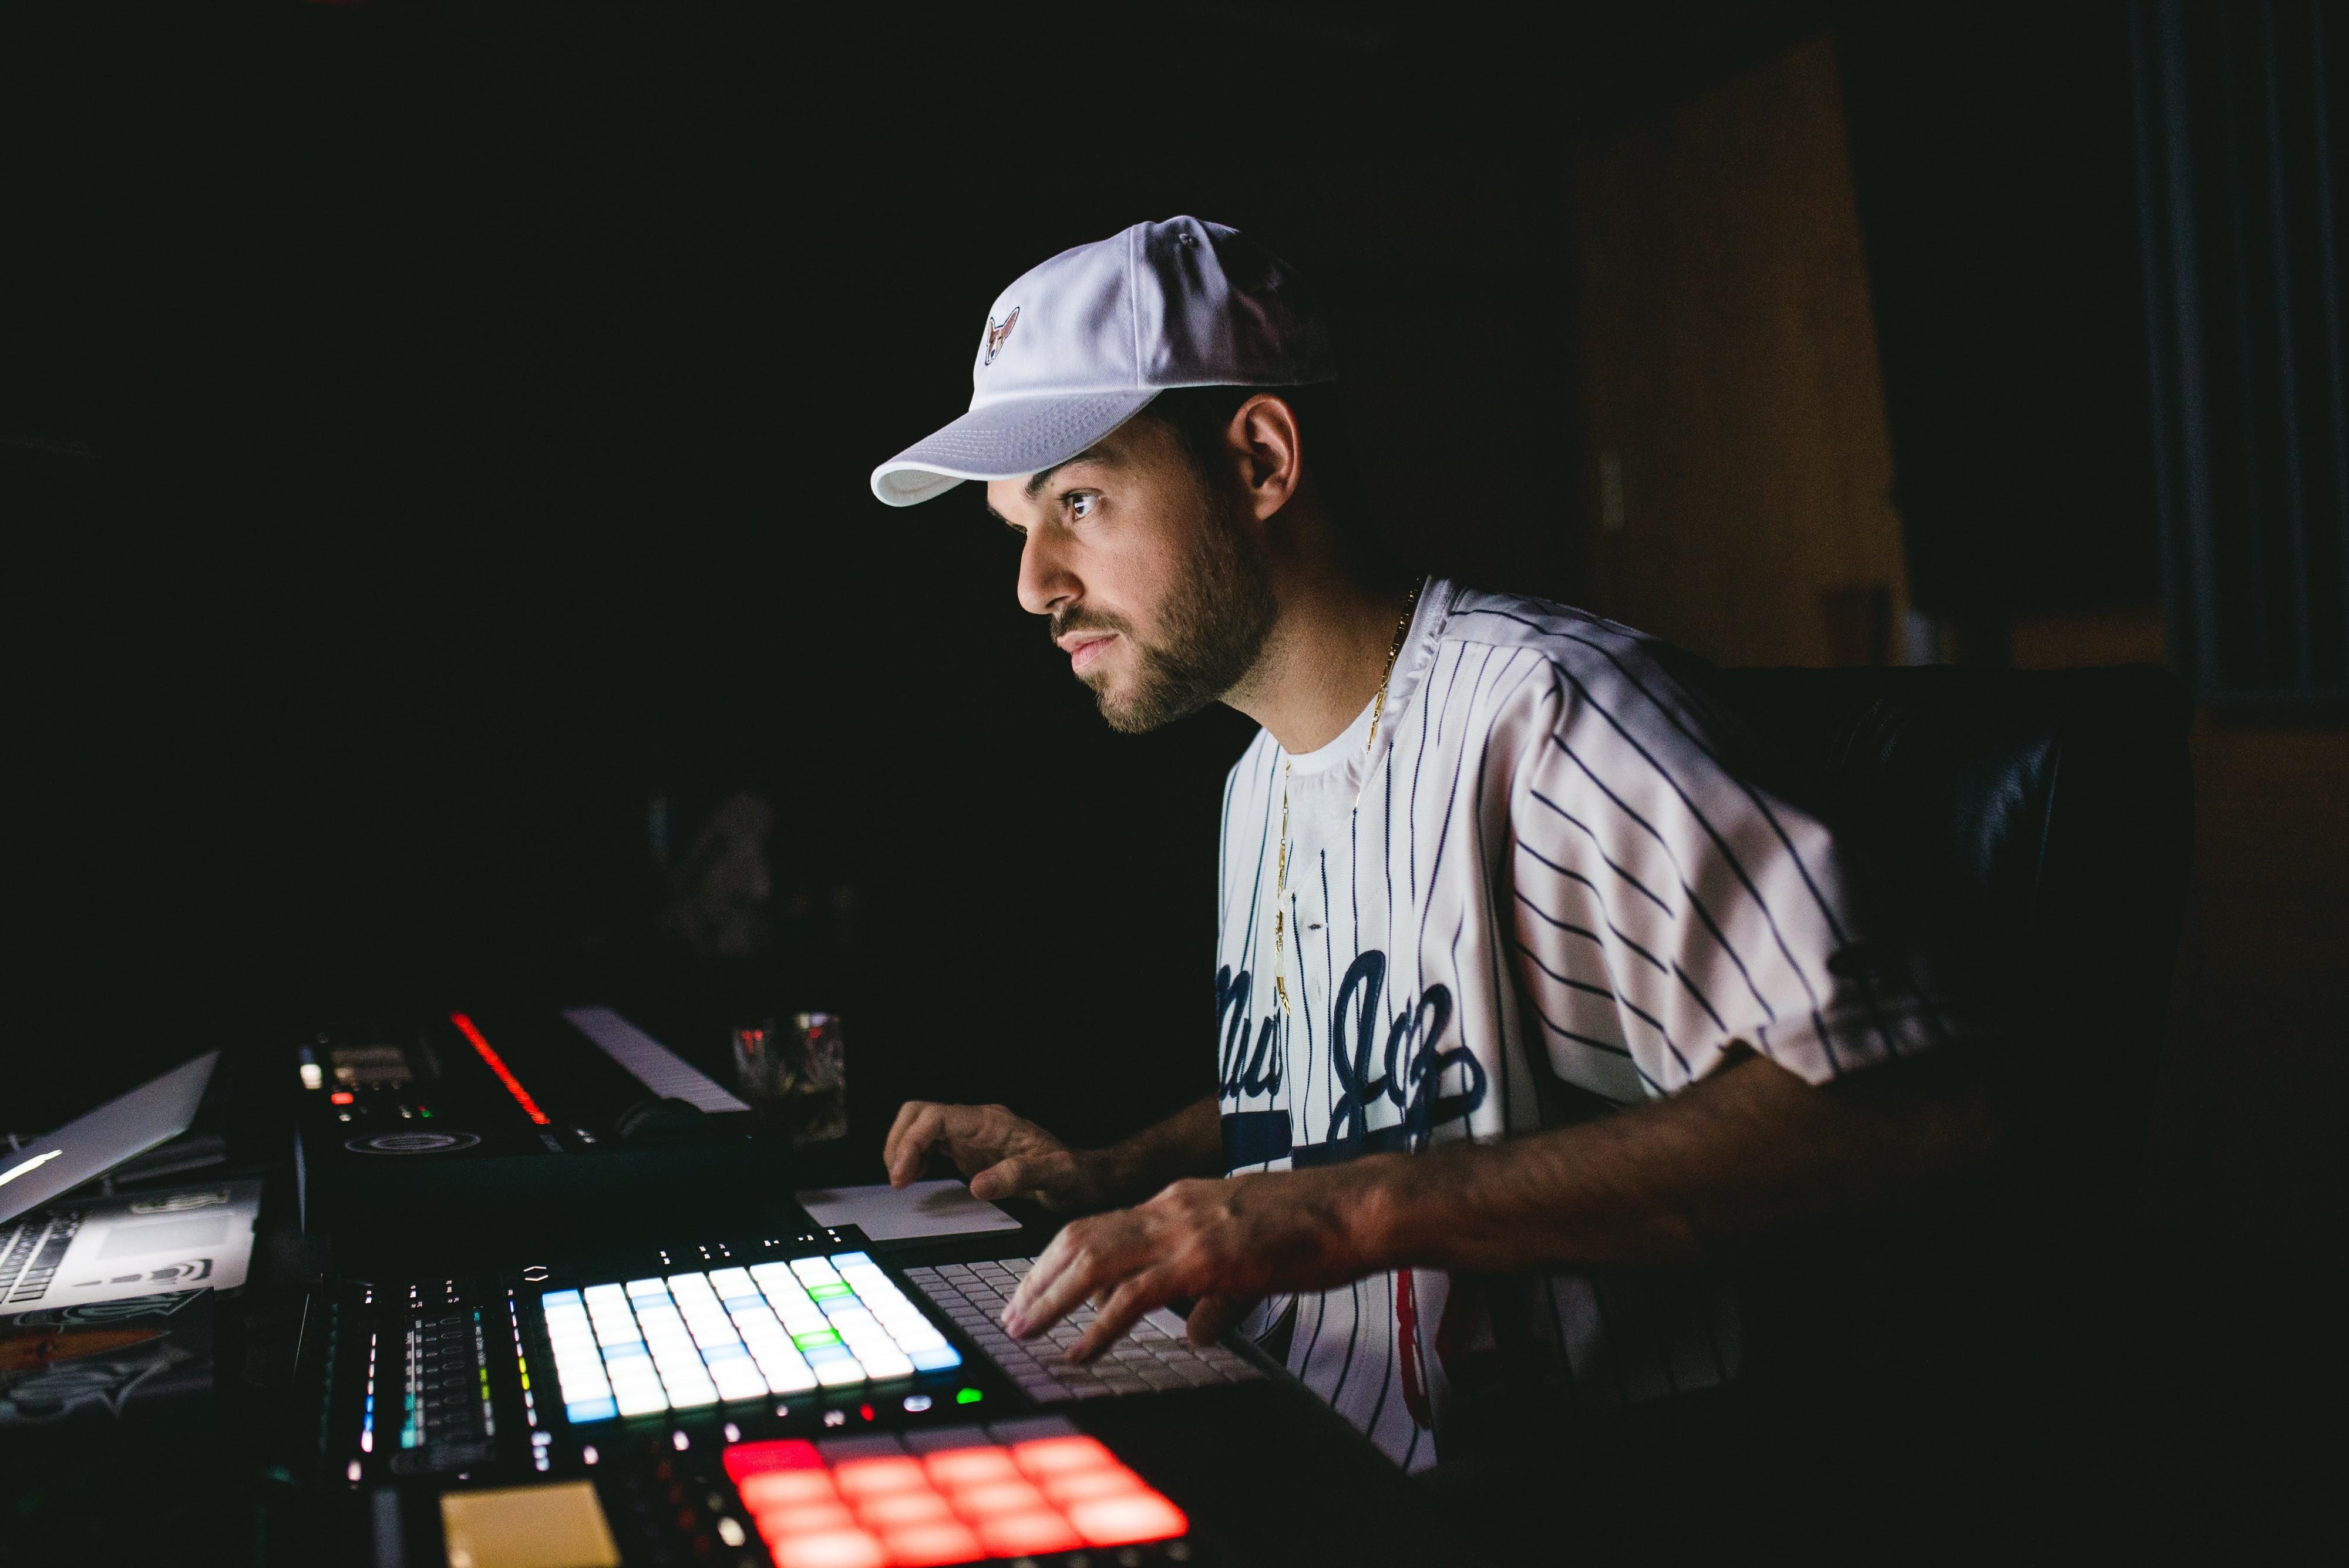 Quem é Papatinho, produtor que começou gravando em garagem e agora faz feat de Cardi B e Anitta - Notícias - Plantão Diário